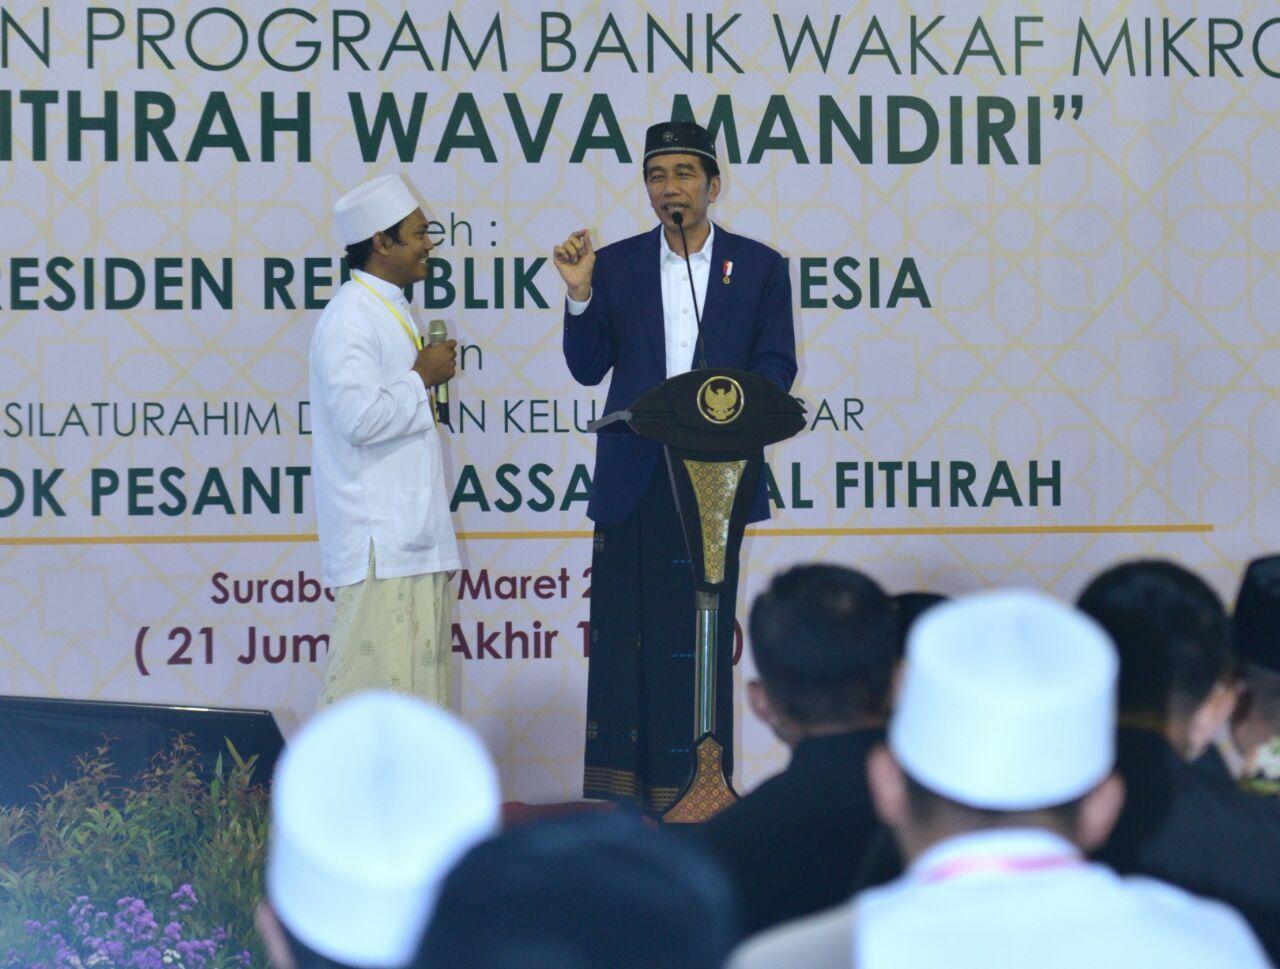 Luncurkan Bank Wakaf, Presiden: Kalau Pinjam Hanya Dikenakan Biaya Administrasi 3 Persen